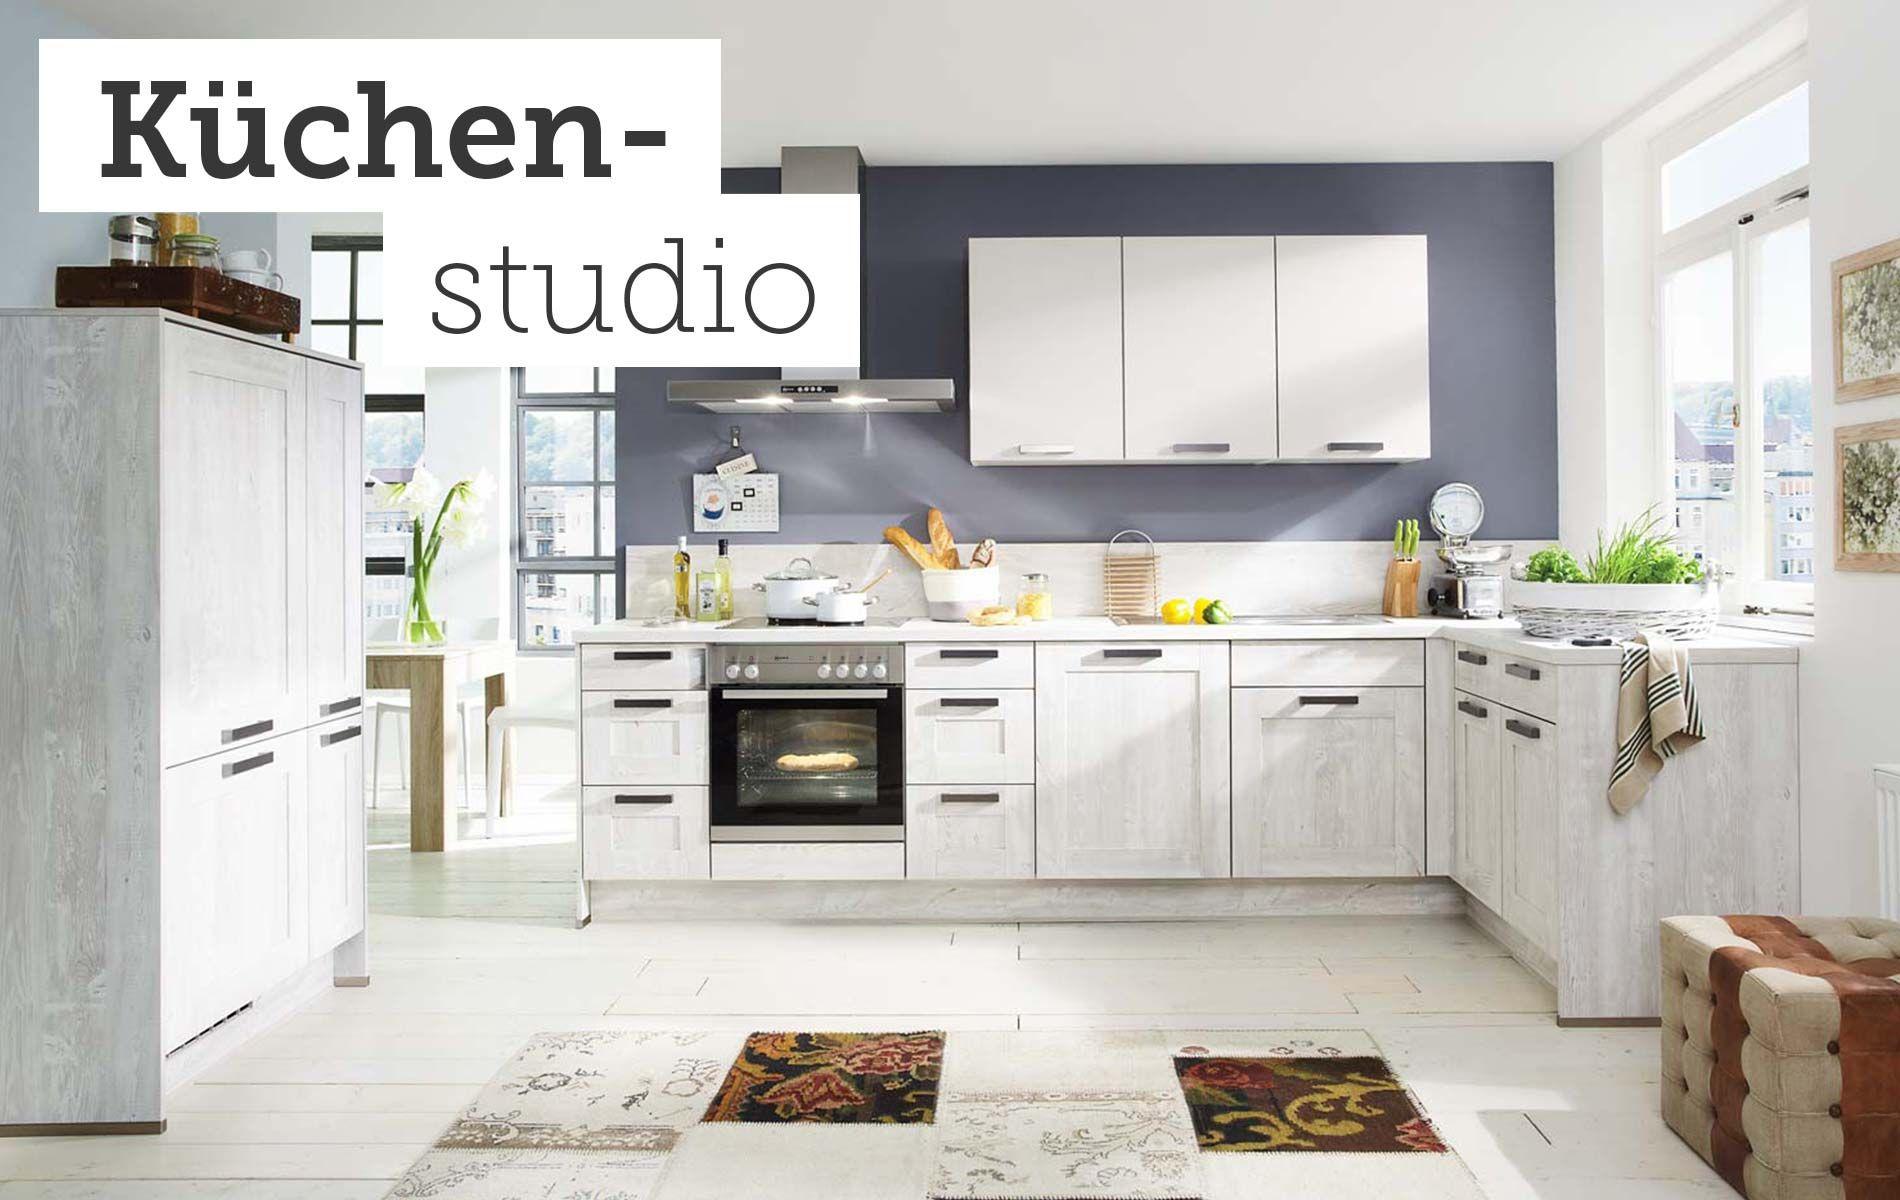 Landhausküchen preise  Küchen von Höffner - Riesige Auswahl & günstige Preise | Küche ...